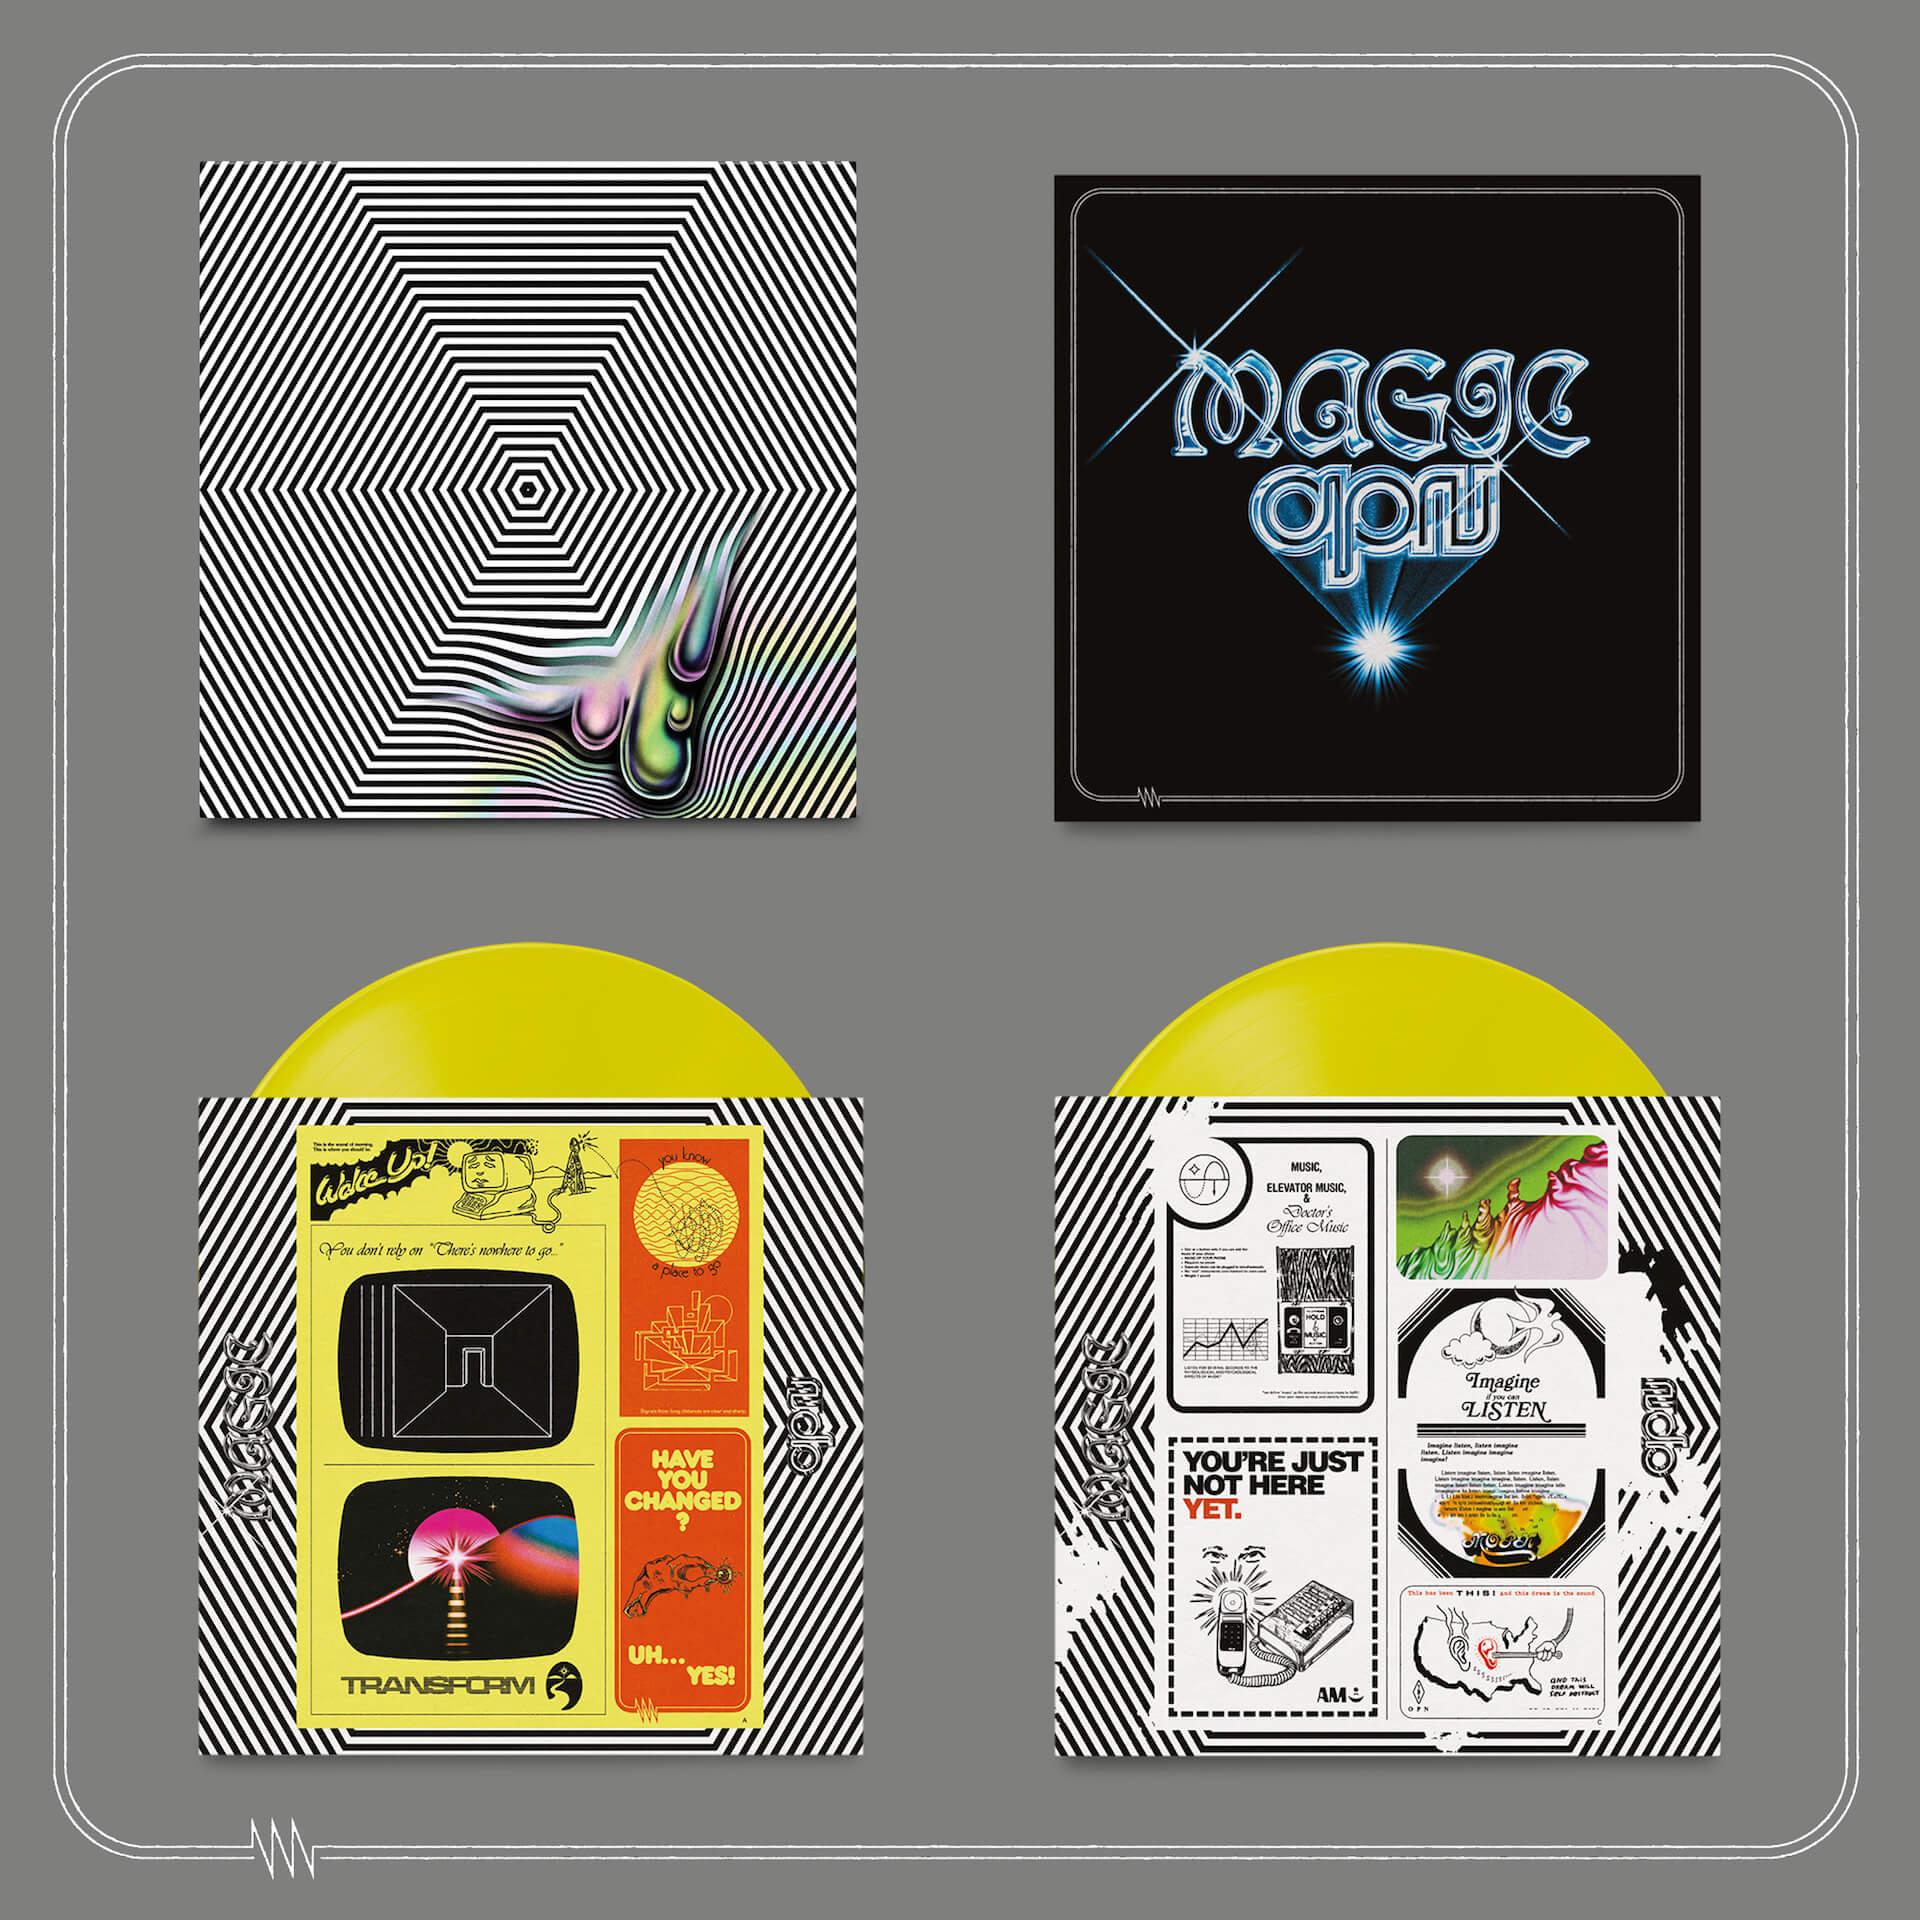 Oneohtrix Point Neverの新アルバム『Magic Oneohtrix Point Never』がリリース決定!シングル3曲をまとめたパッケージが公開 music200924_opn_15